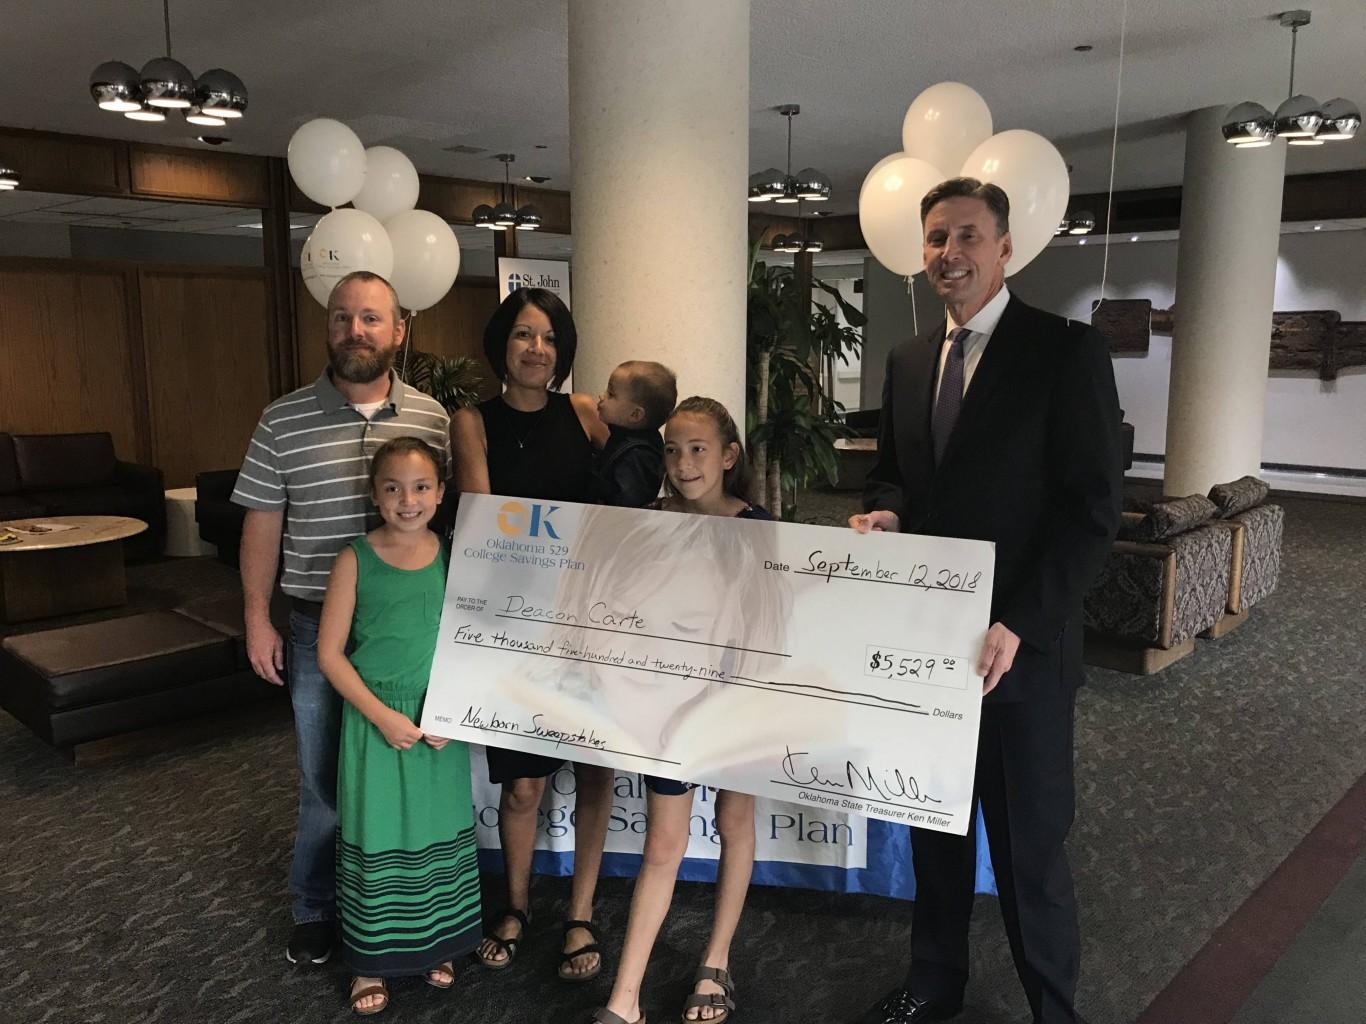 Padres de Tulsa ganaron $5,529 para la Universidad de su recién nacido